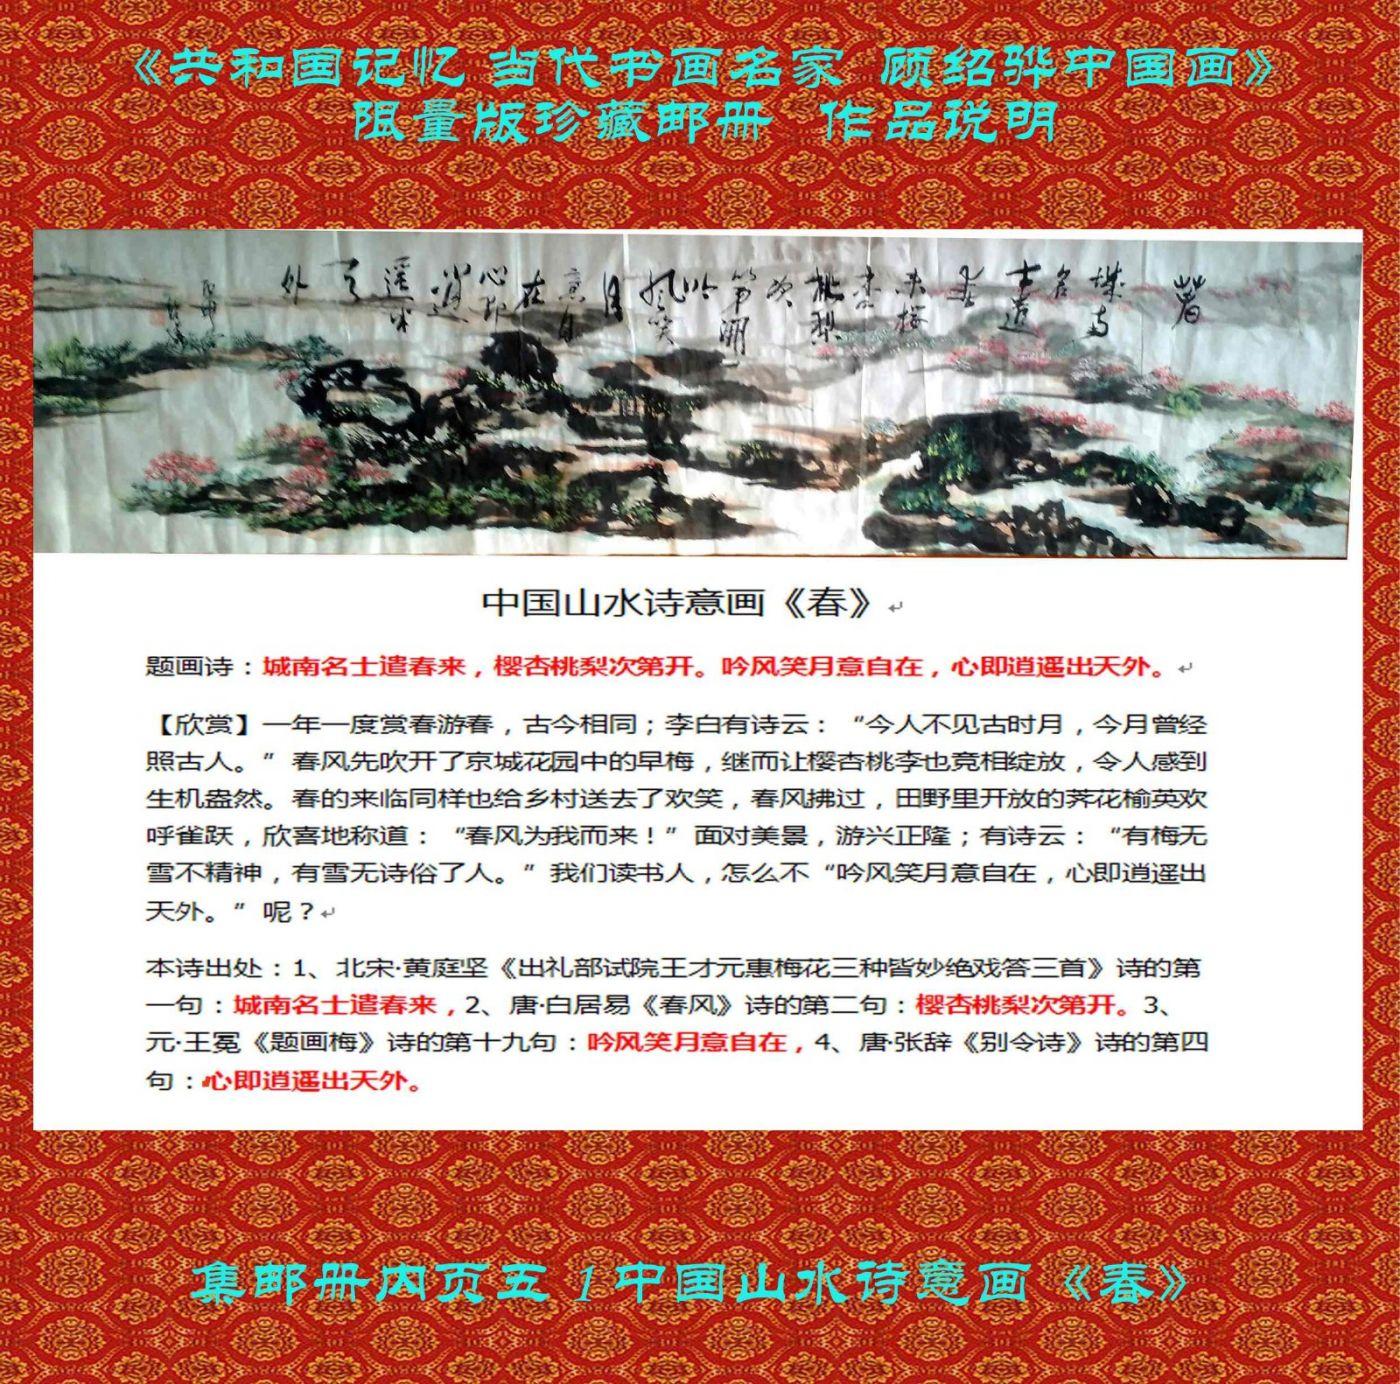 """""""顾绍骅的诗情画意""""入选《共和国记忆 ·中国书画艺术名家》限量版集邮珍藏册 ..._图1-24"""